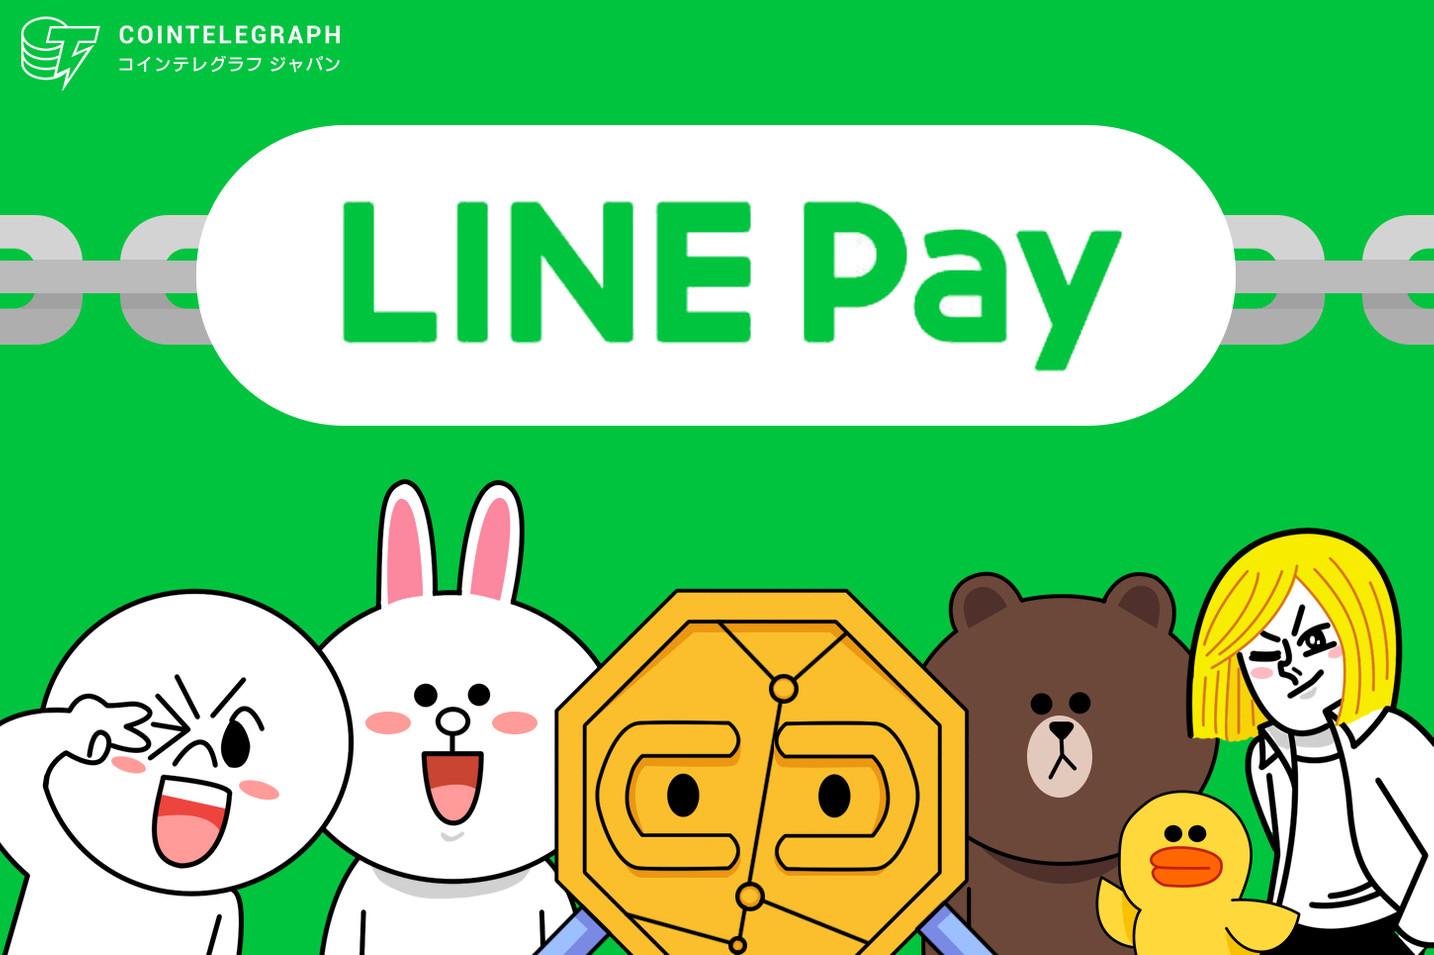 毎回の買い物で最大「22%」キャッシュバックをLINE Payで得る方法